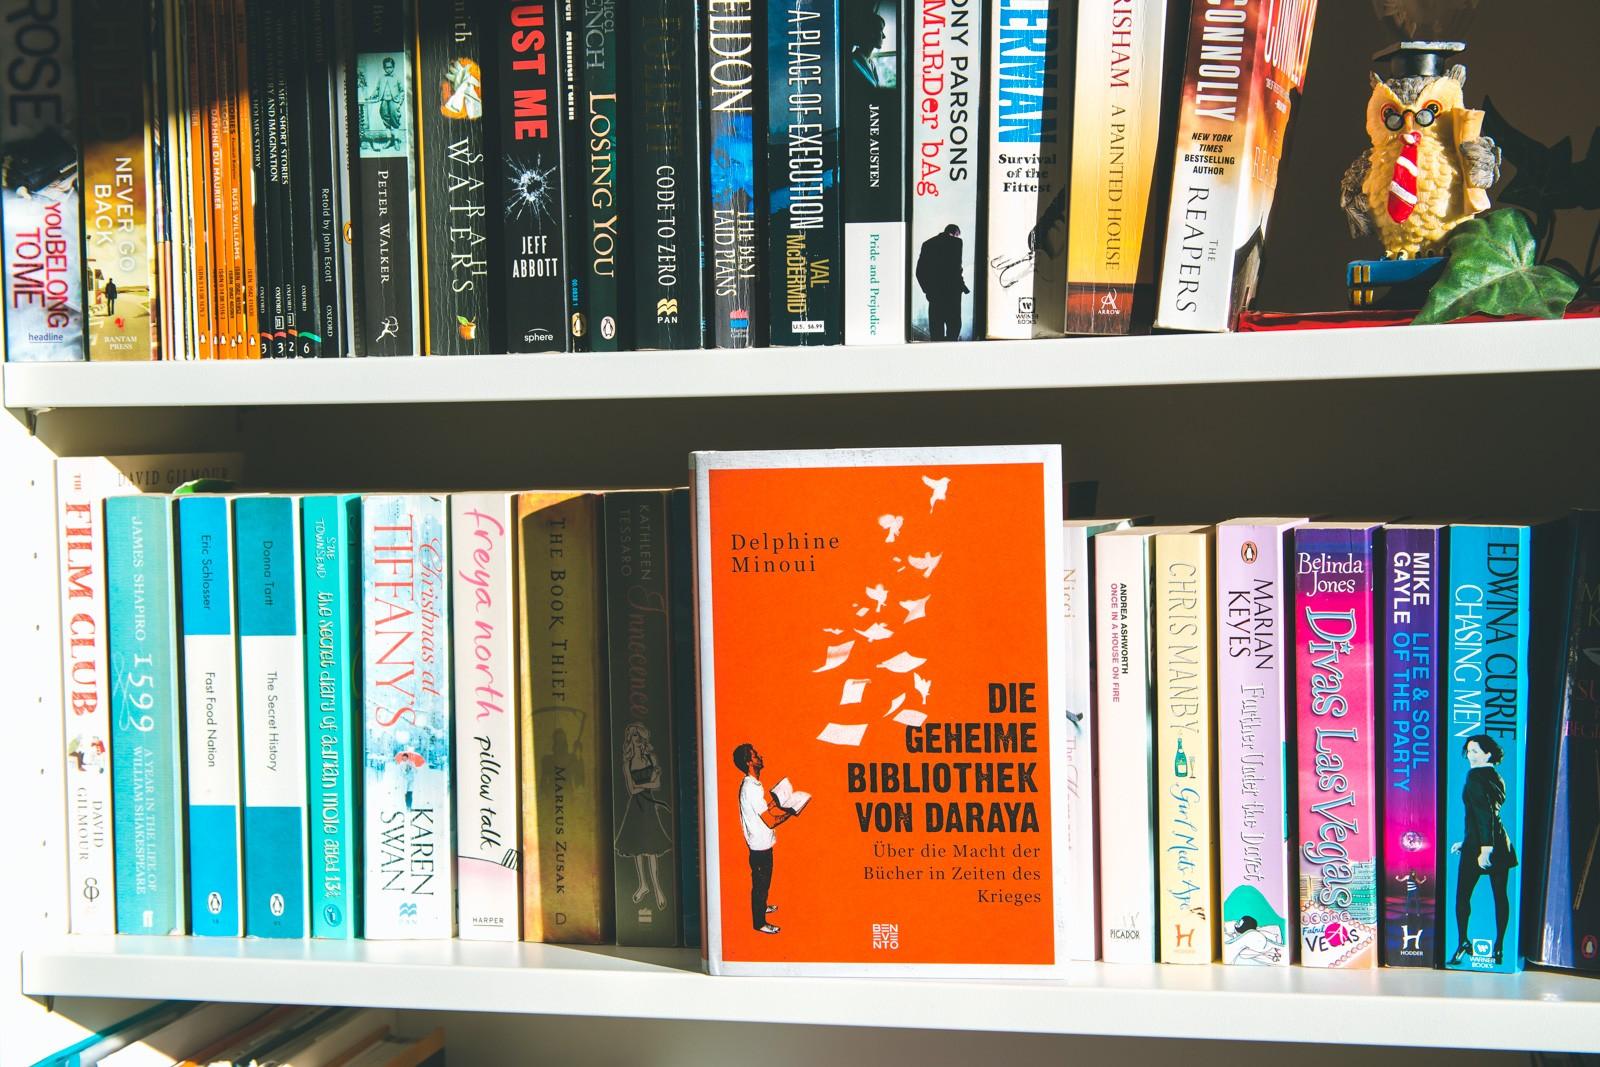 Die geheime Bibliothek von Daraya – Delphine Minoui